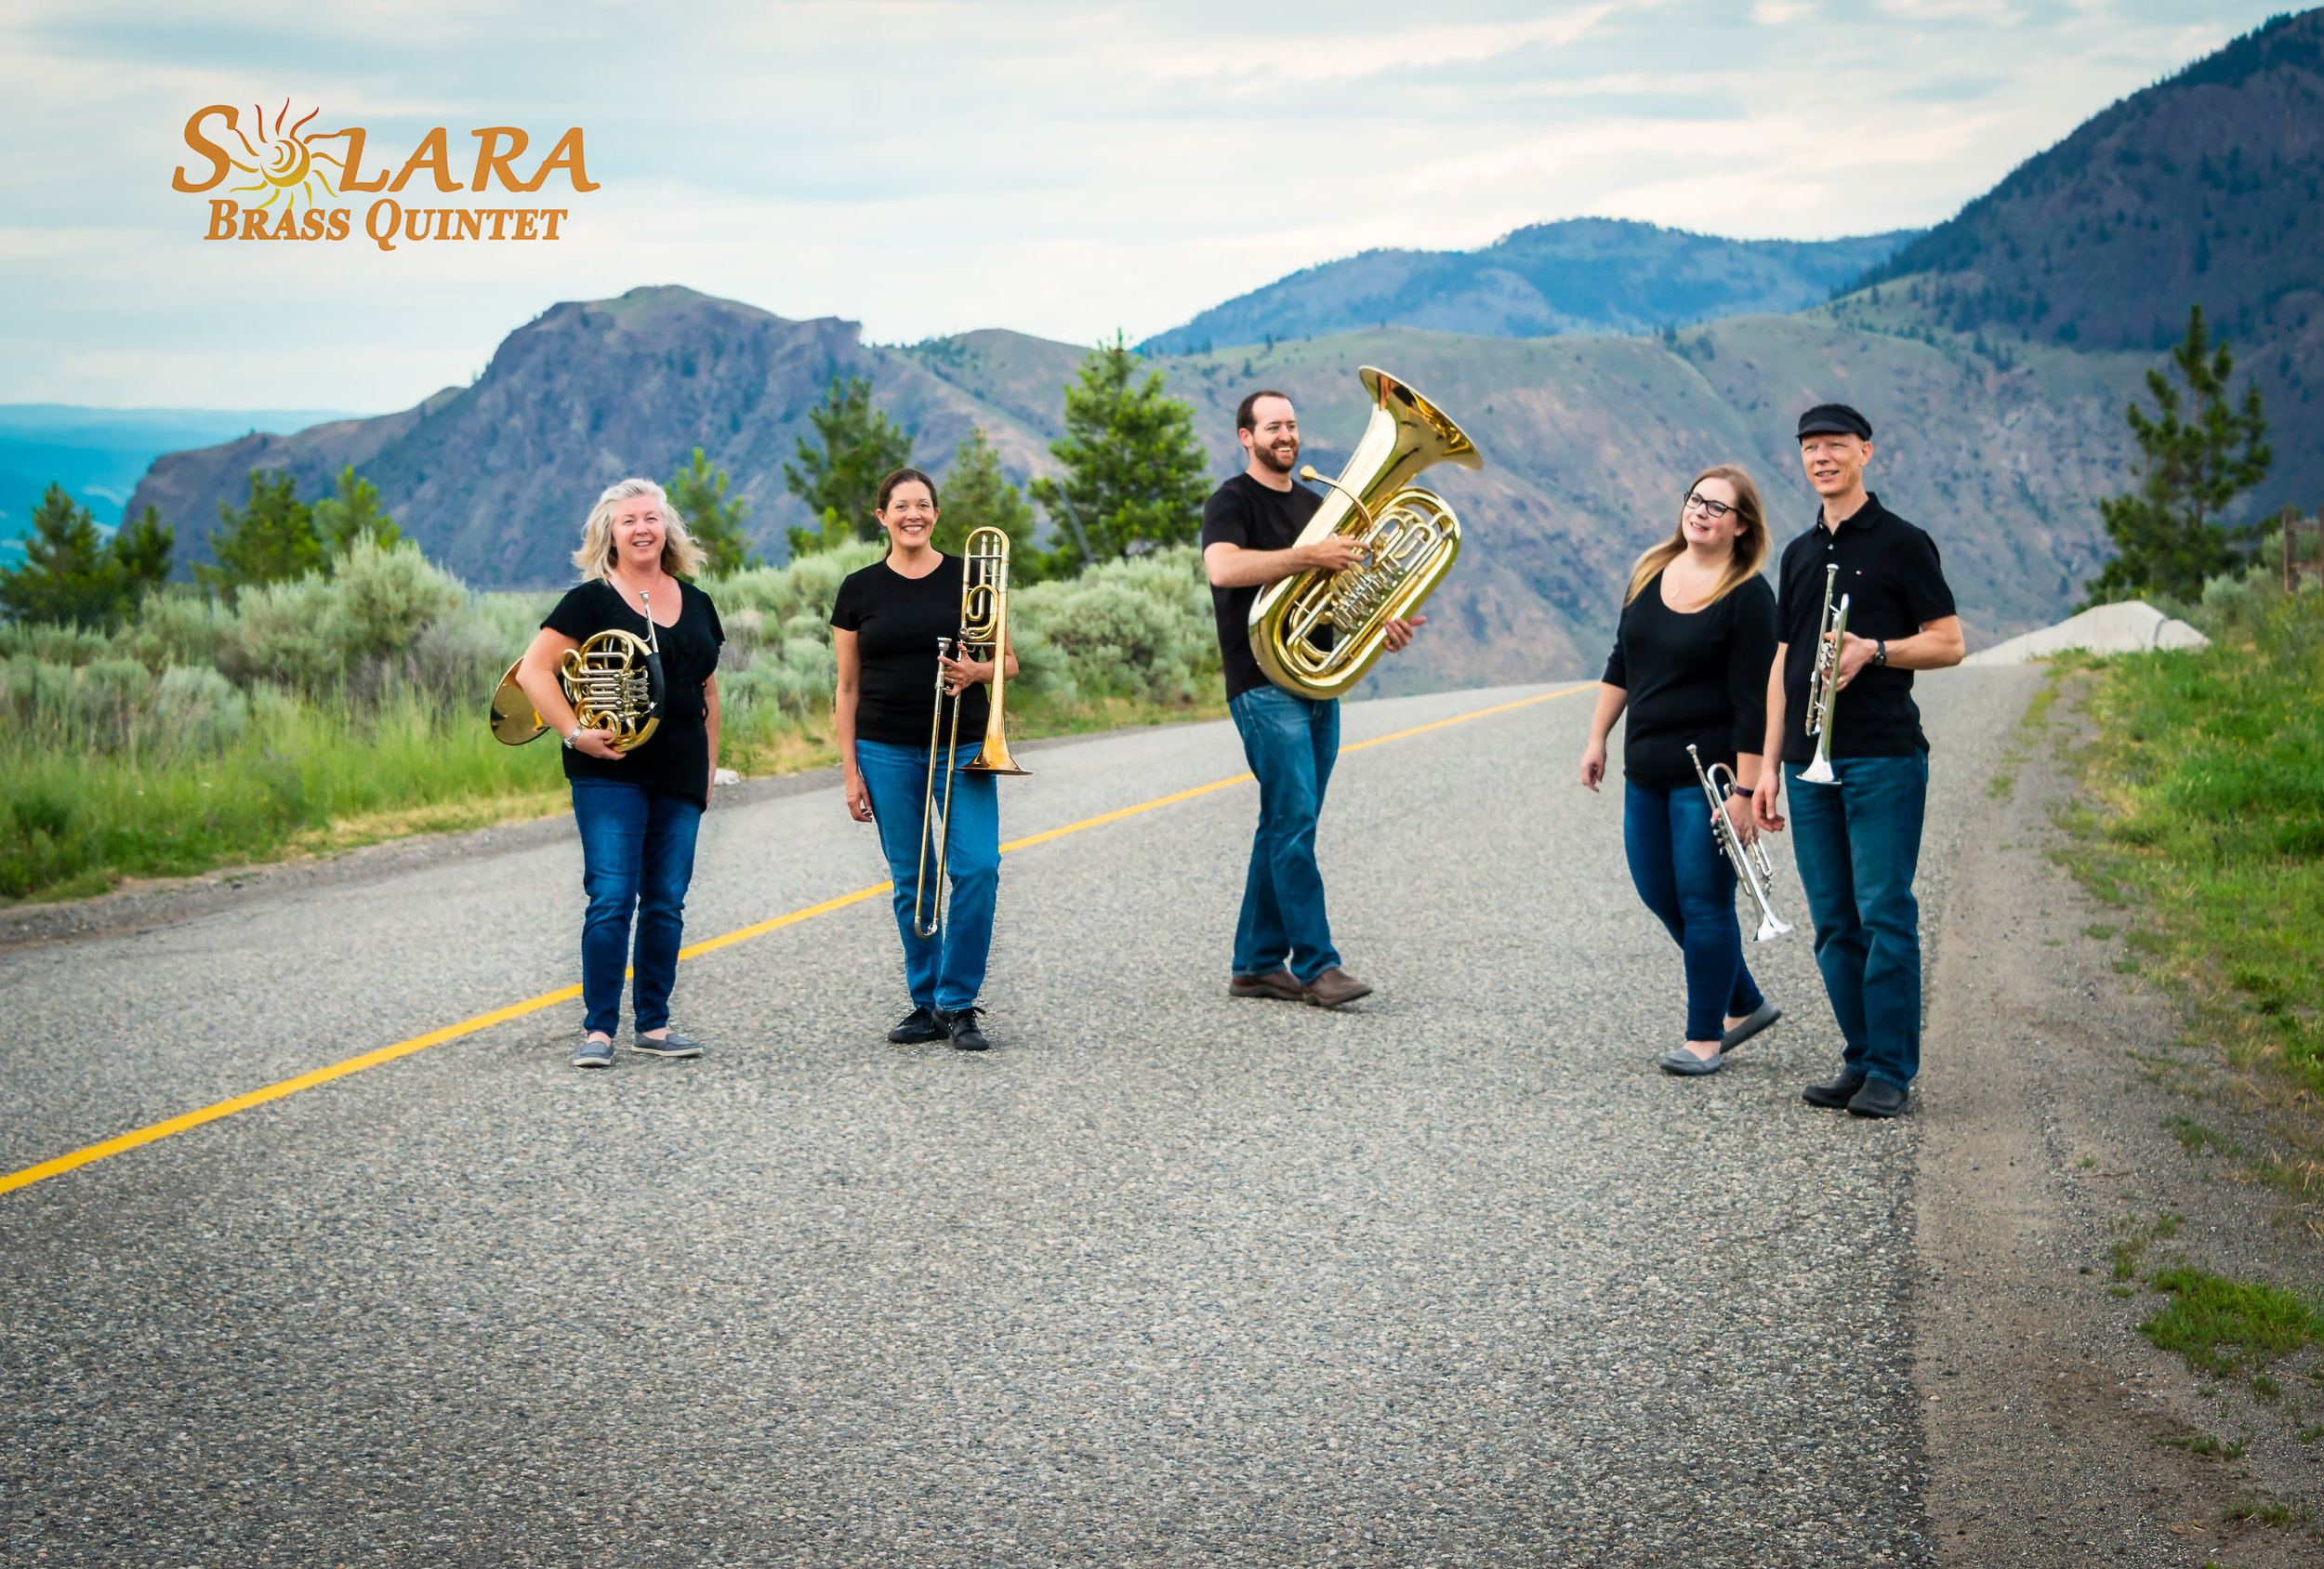 Solara Brass Quintet.jpg